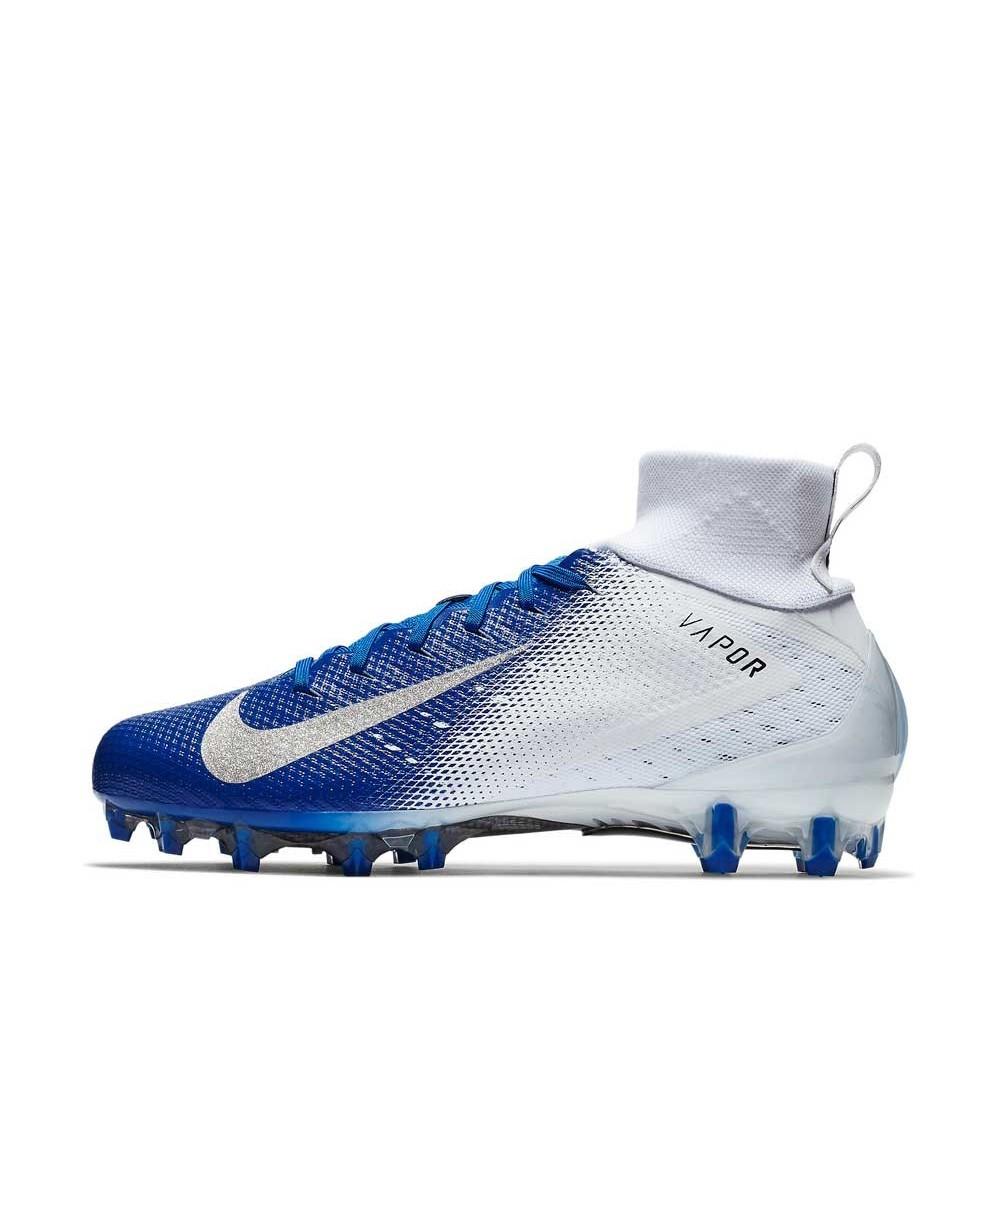 varios diseños Promoción de ventas amplia selección de colores y diseños Nike Vapor Untouchable 3 Pro Zapatos de Fútbol Americano para Hombr...